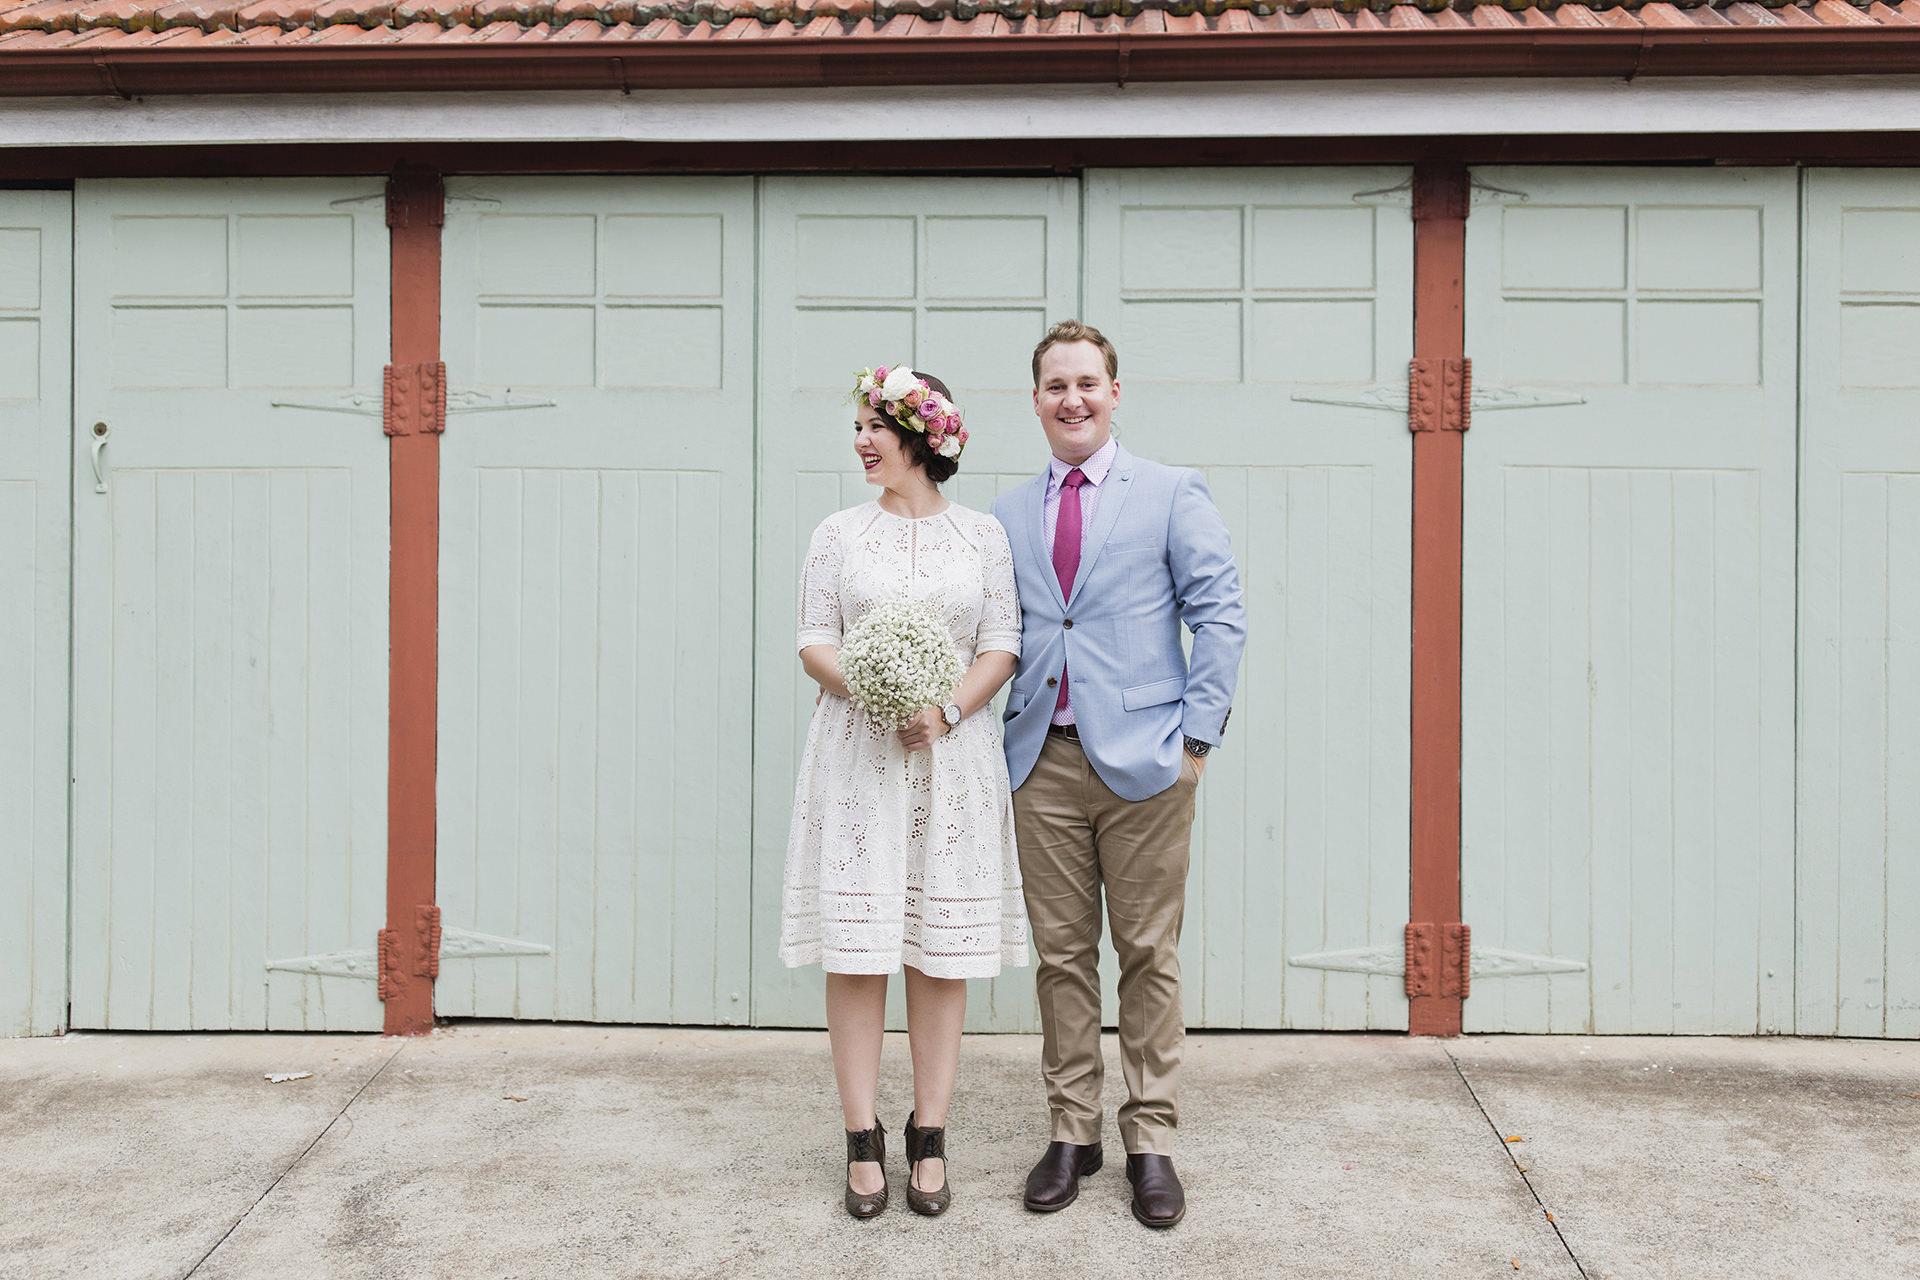 Brisbane wedding photography vintage style